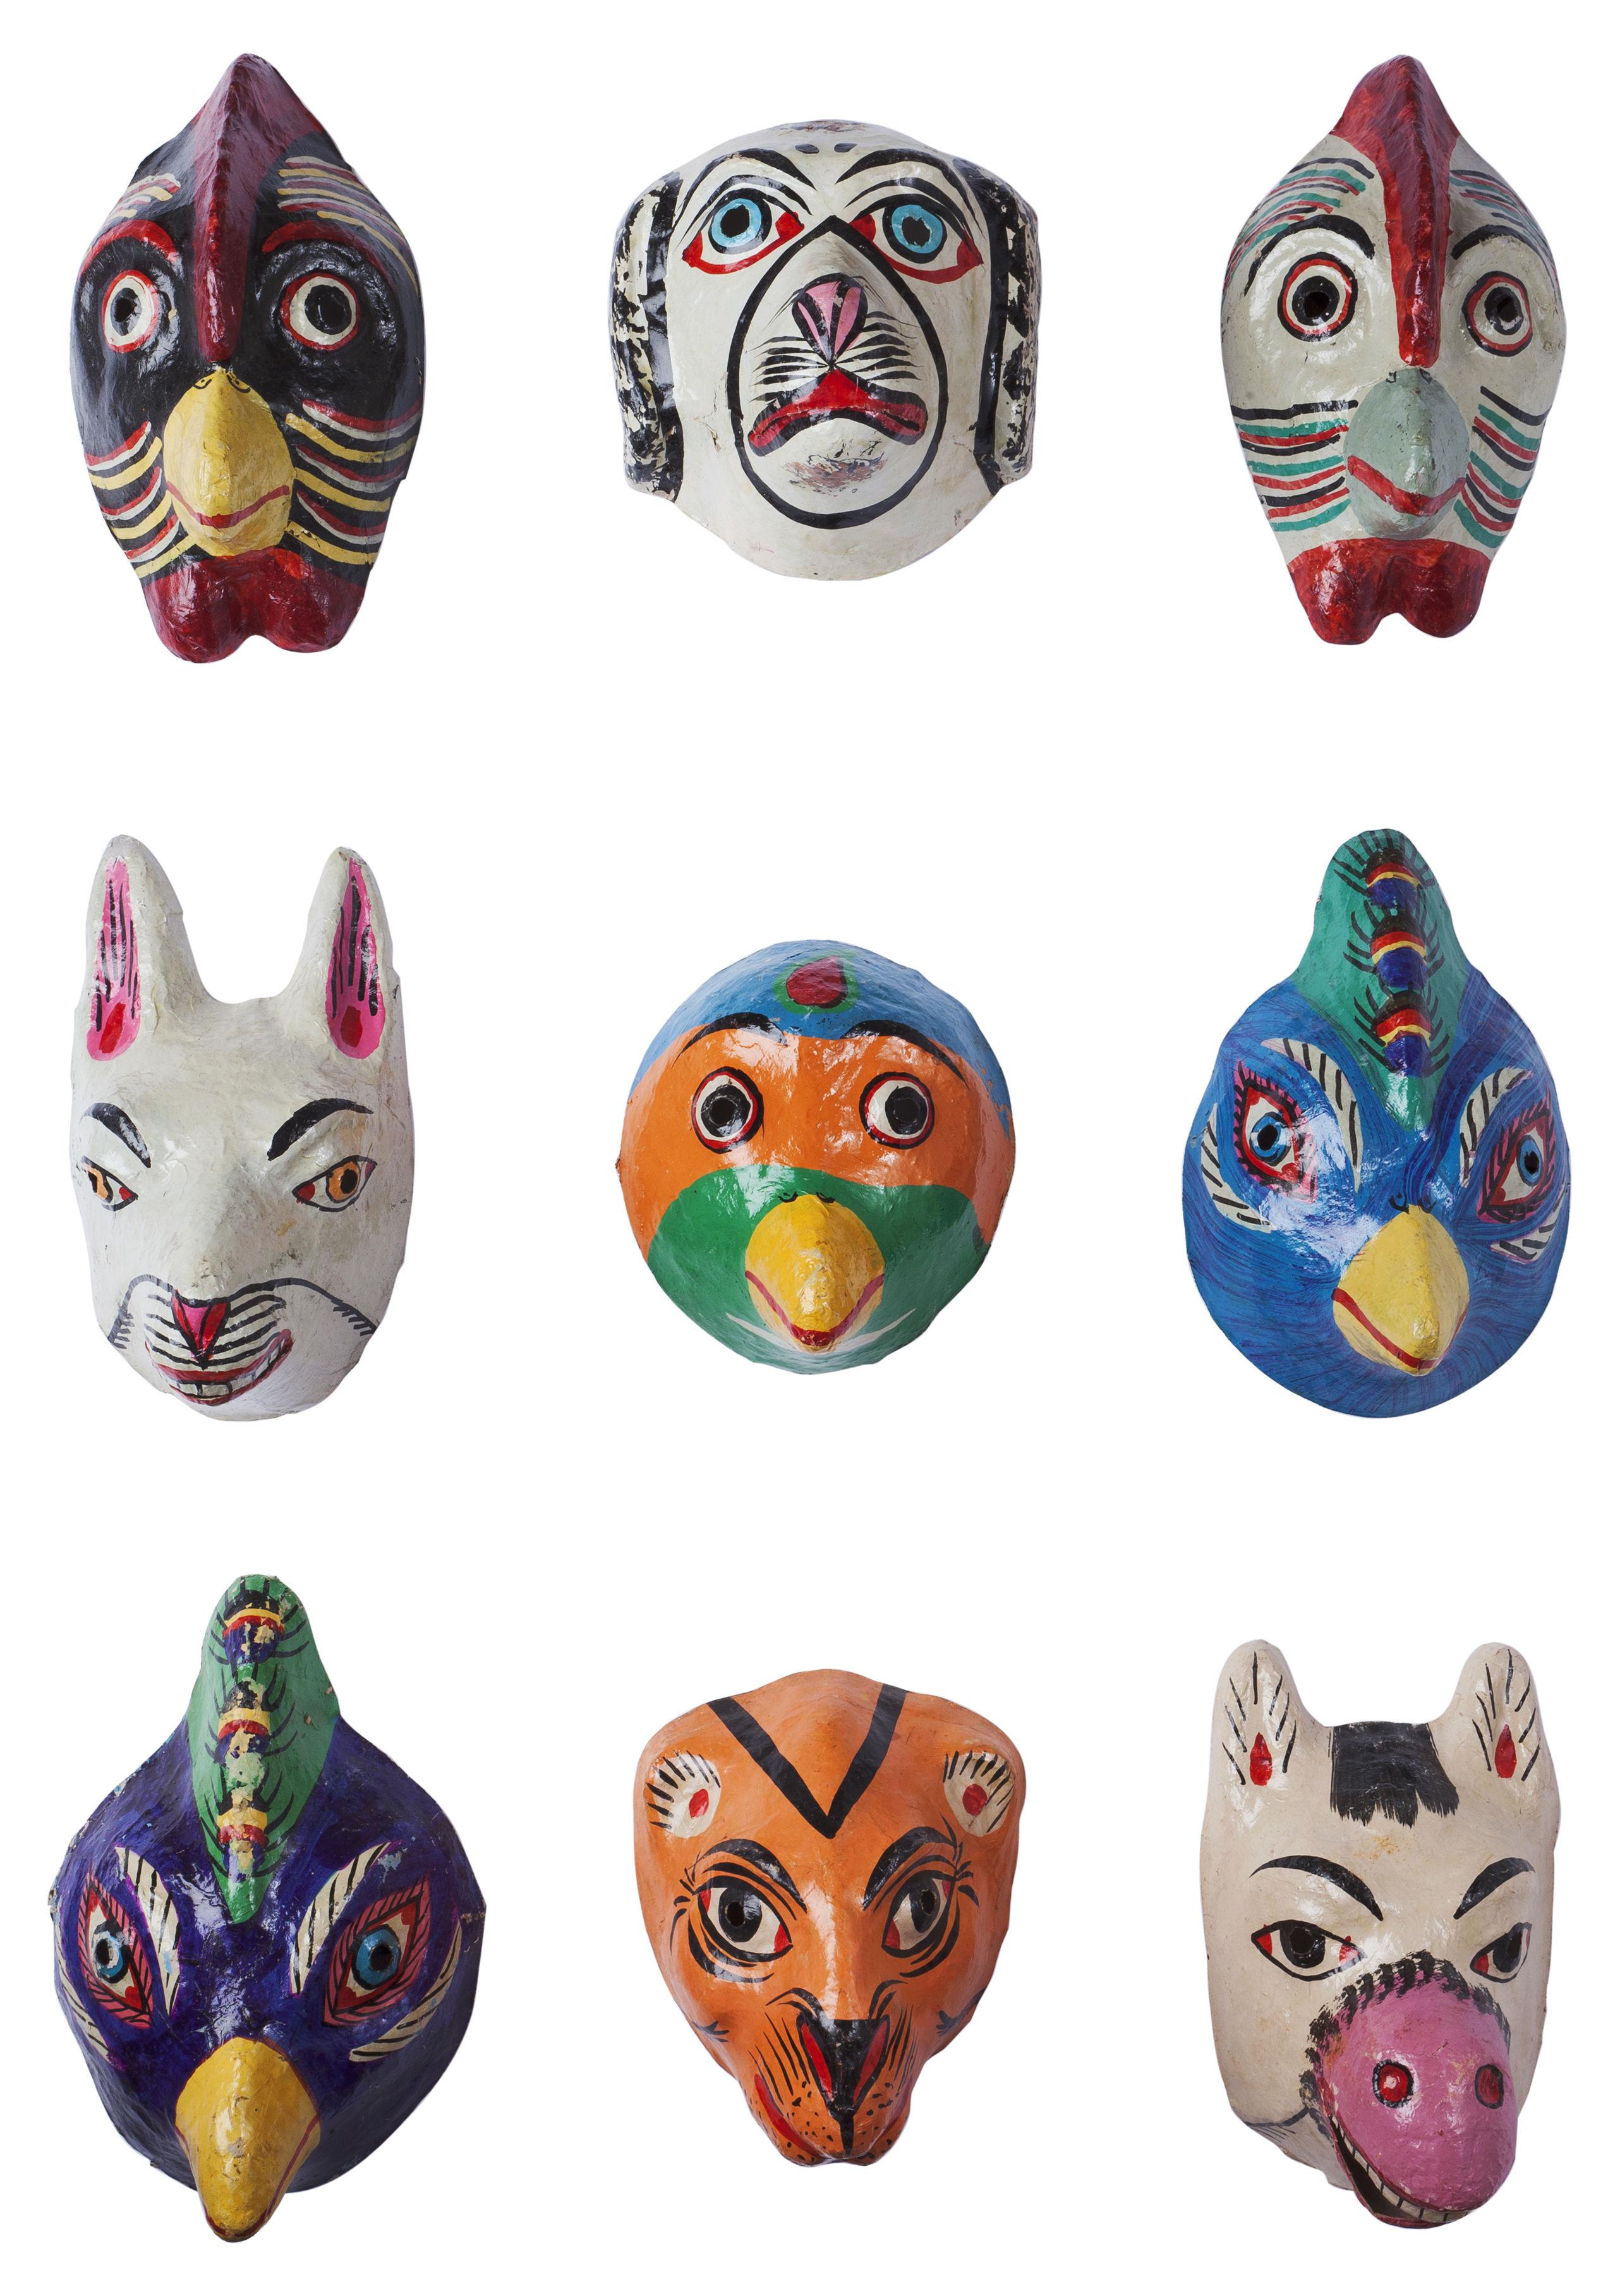 Masque animal papier m ch fait main multicolore hay - Masque papier mache ...